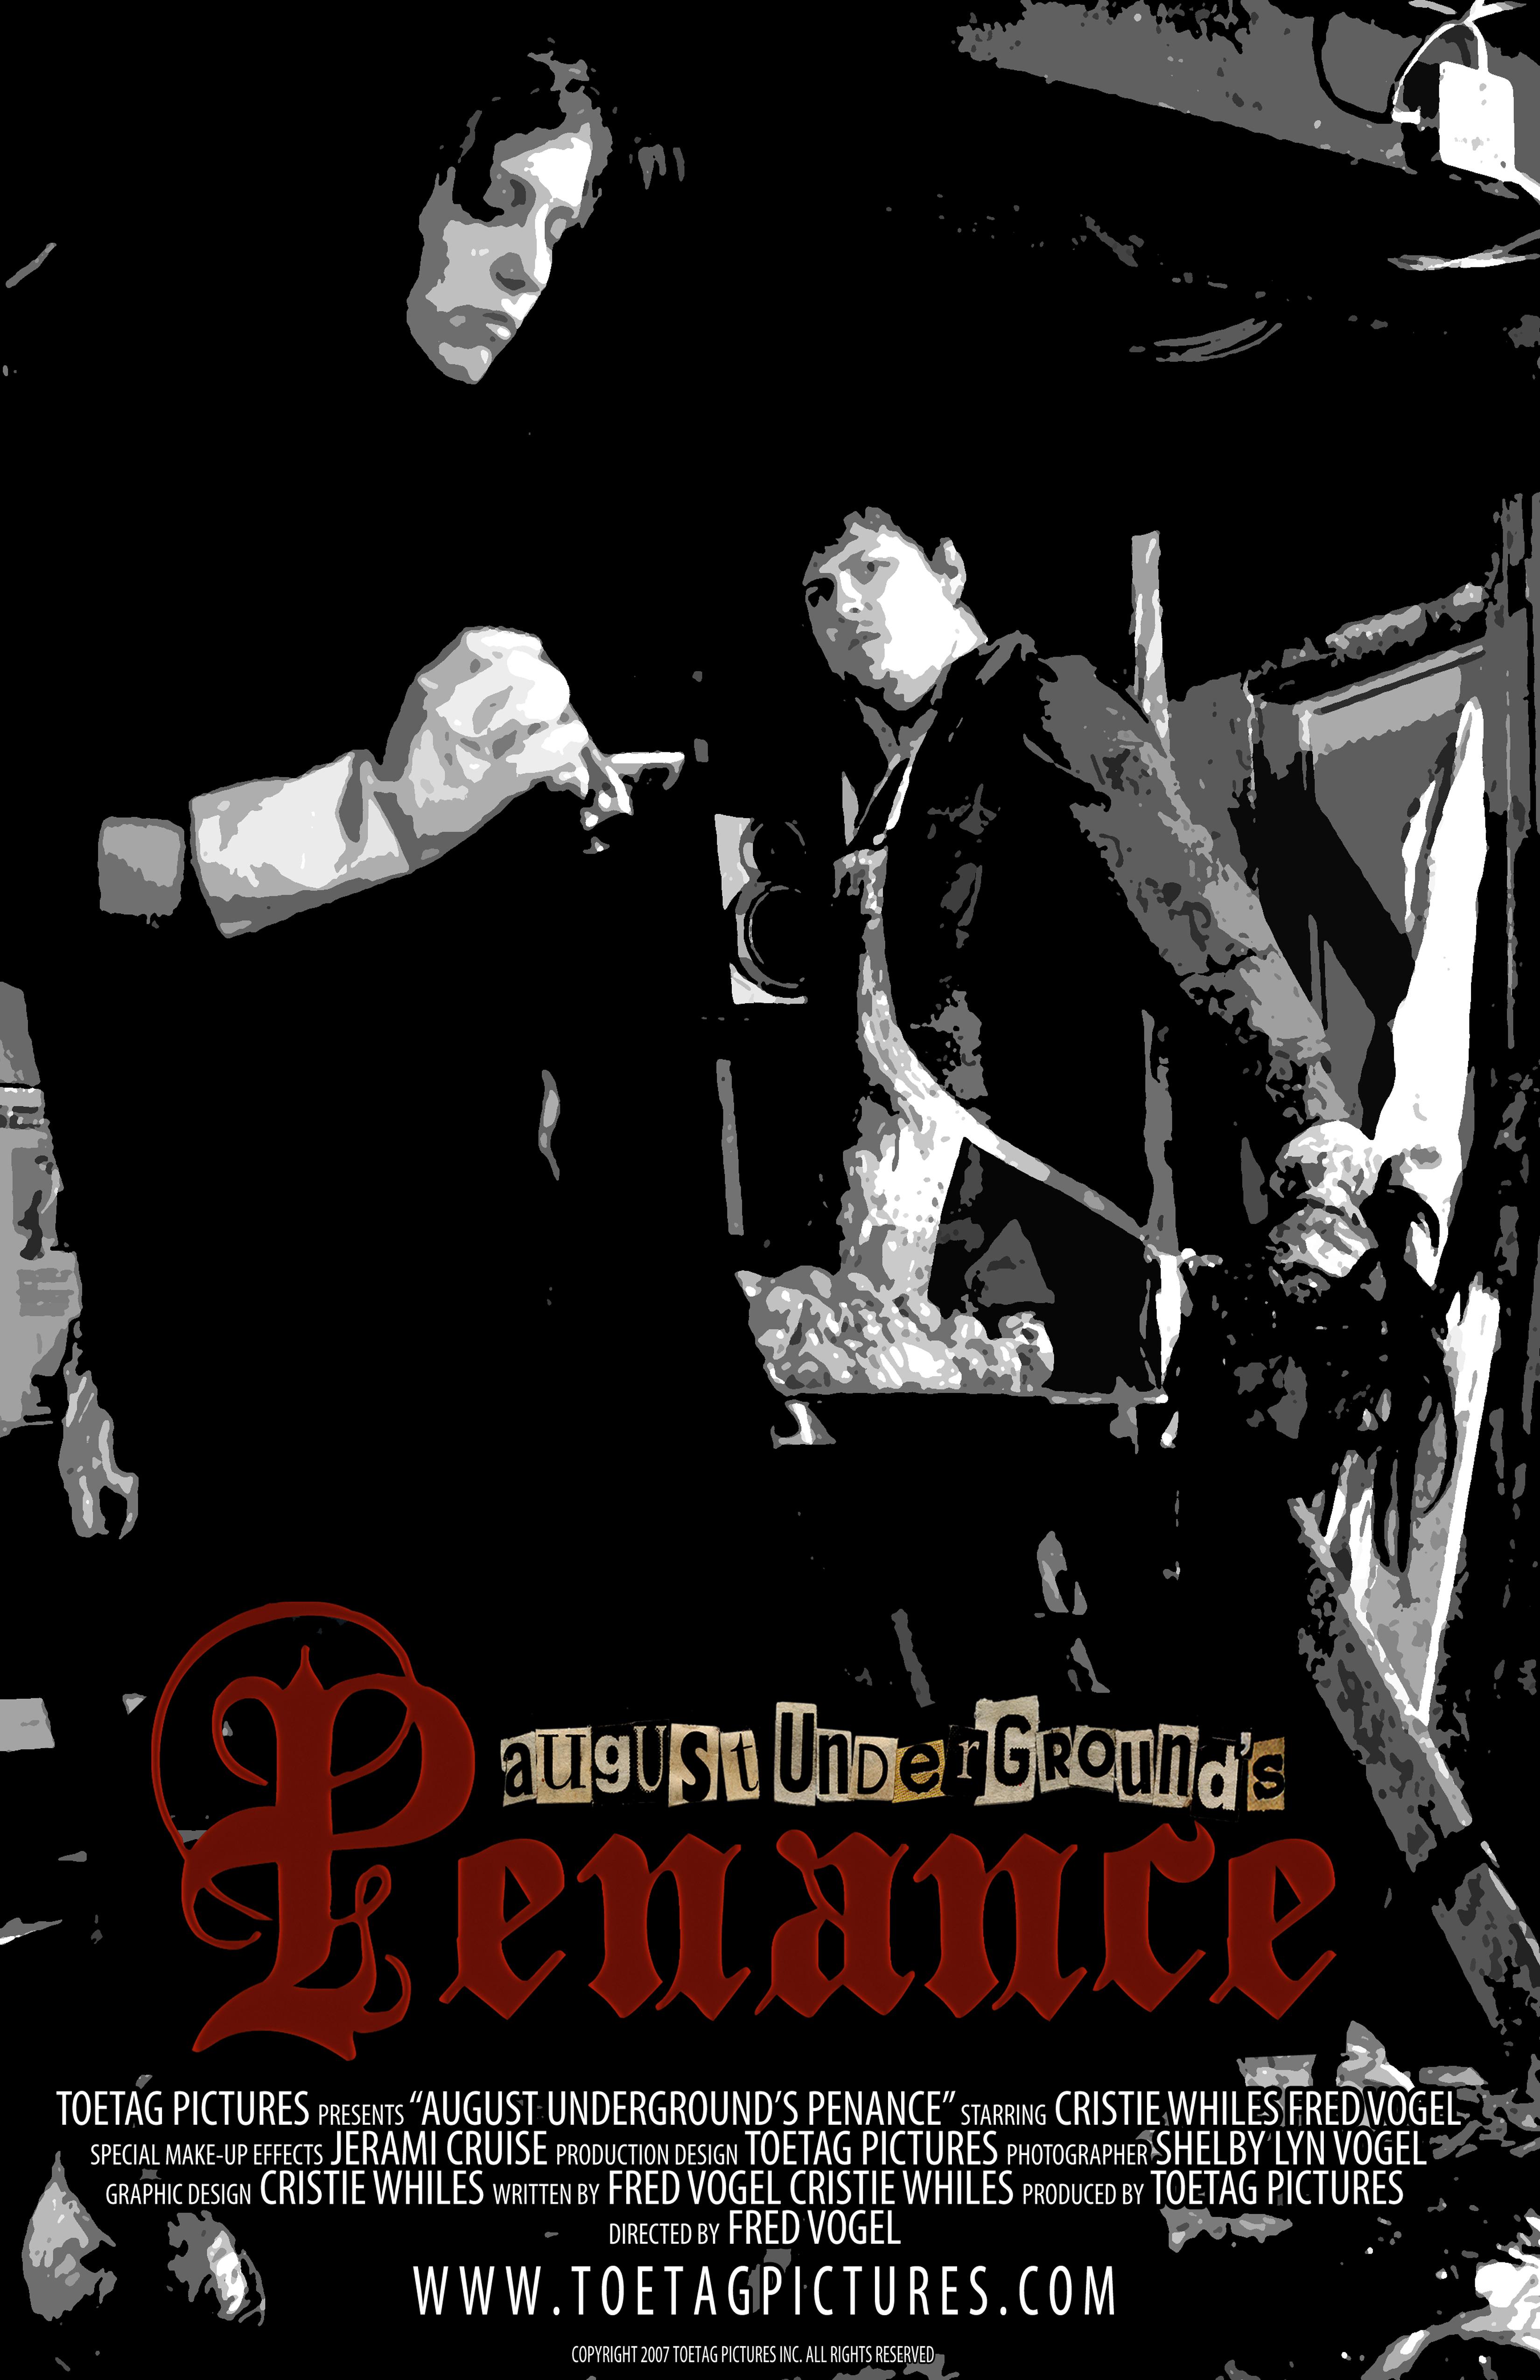 august-underground-s-penance1